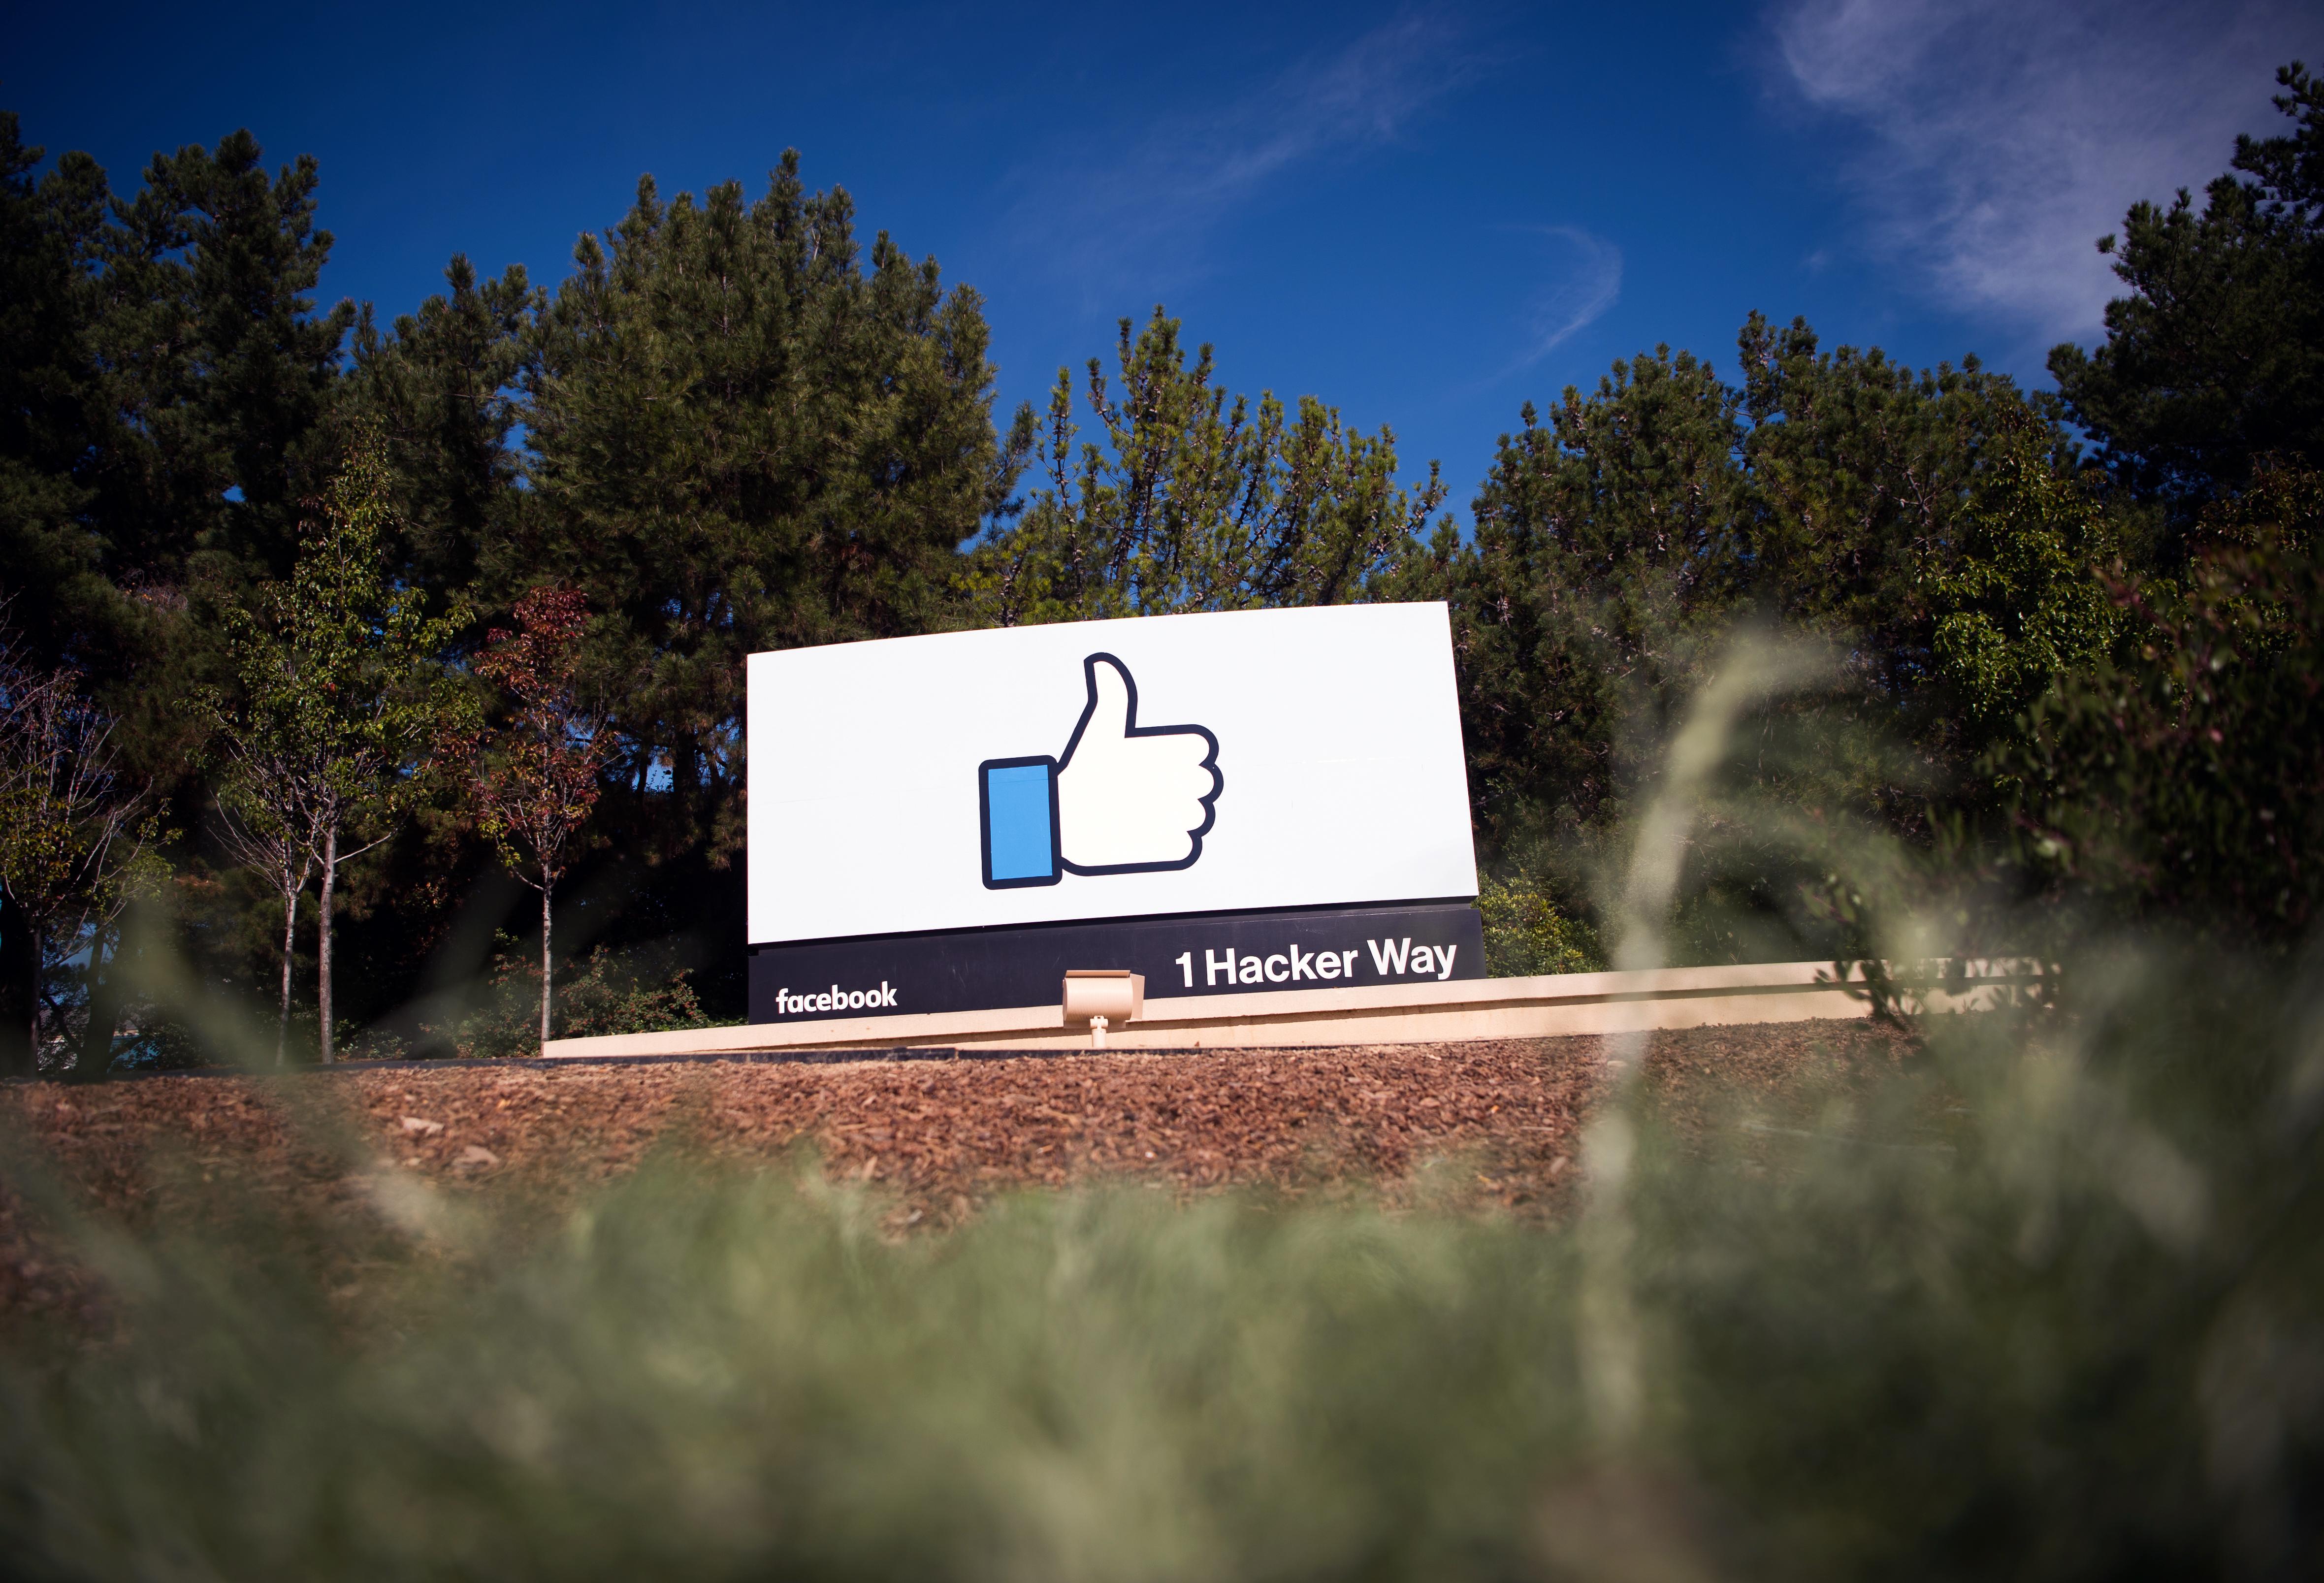 Belterjessége miatt a Facebook fel se fogja, hogy mit csinált